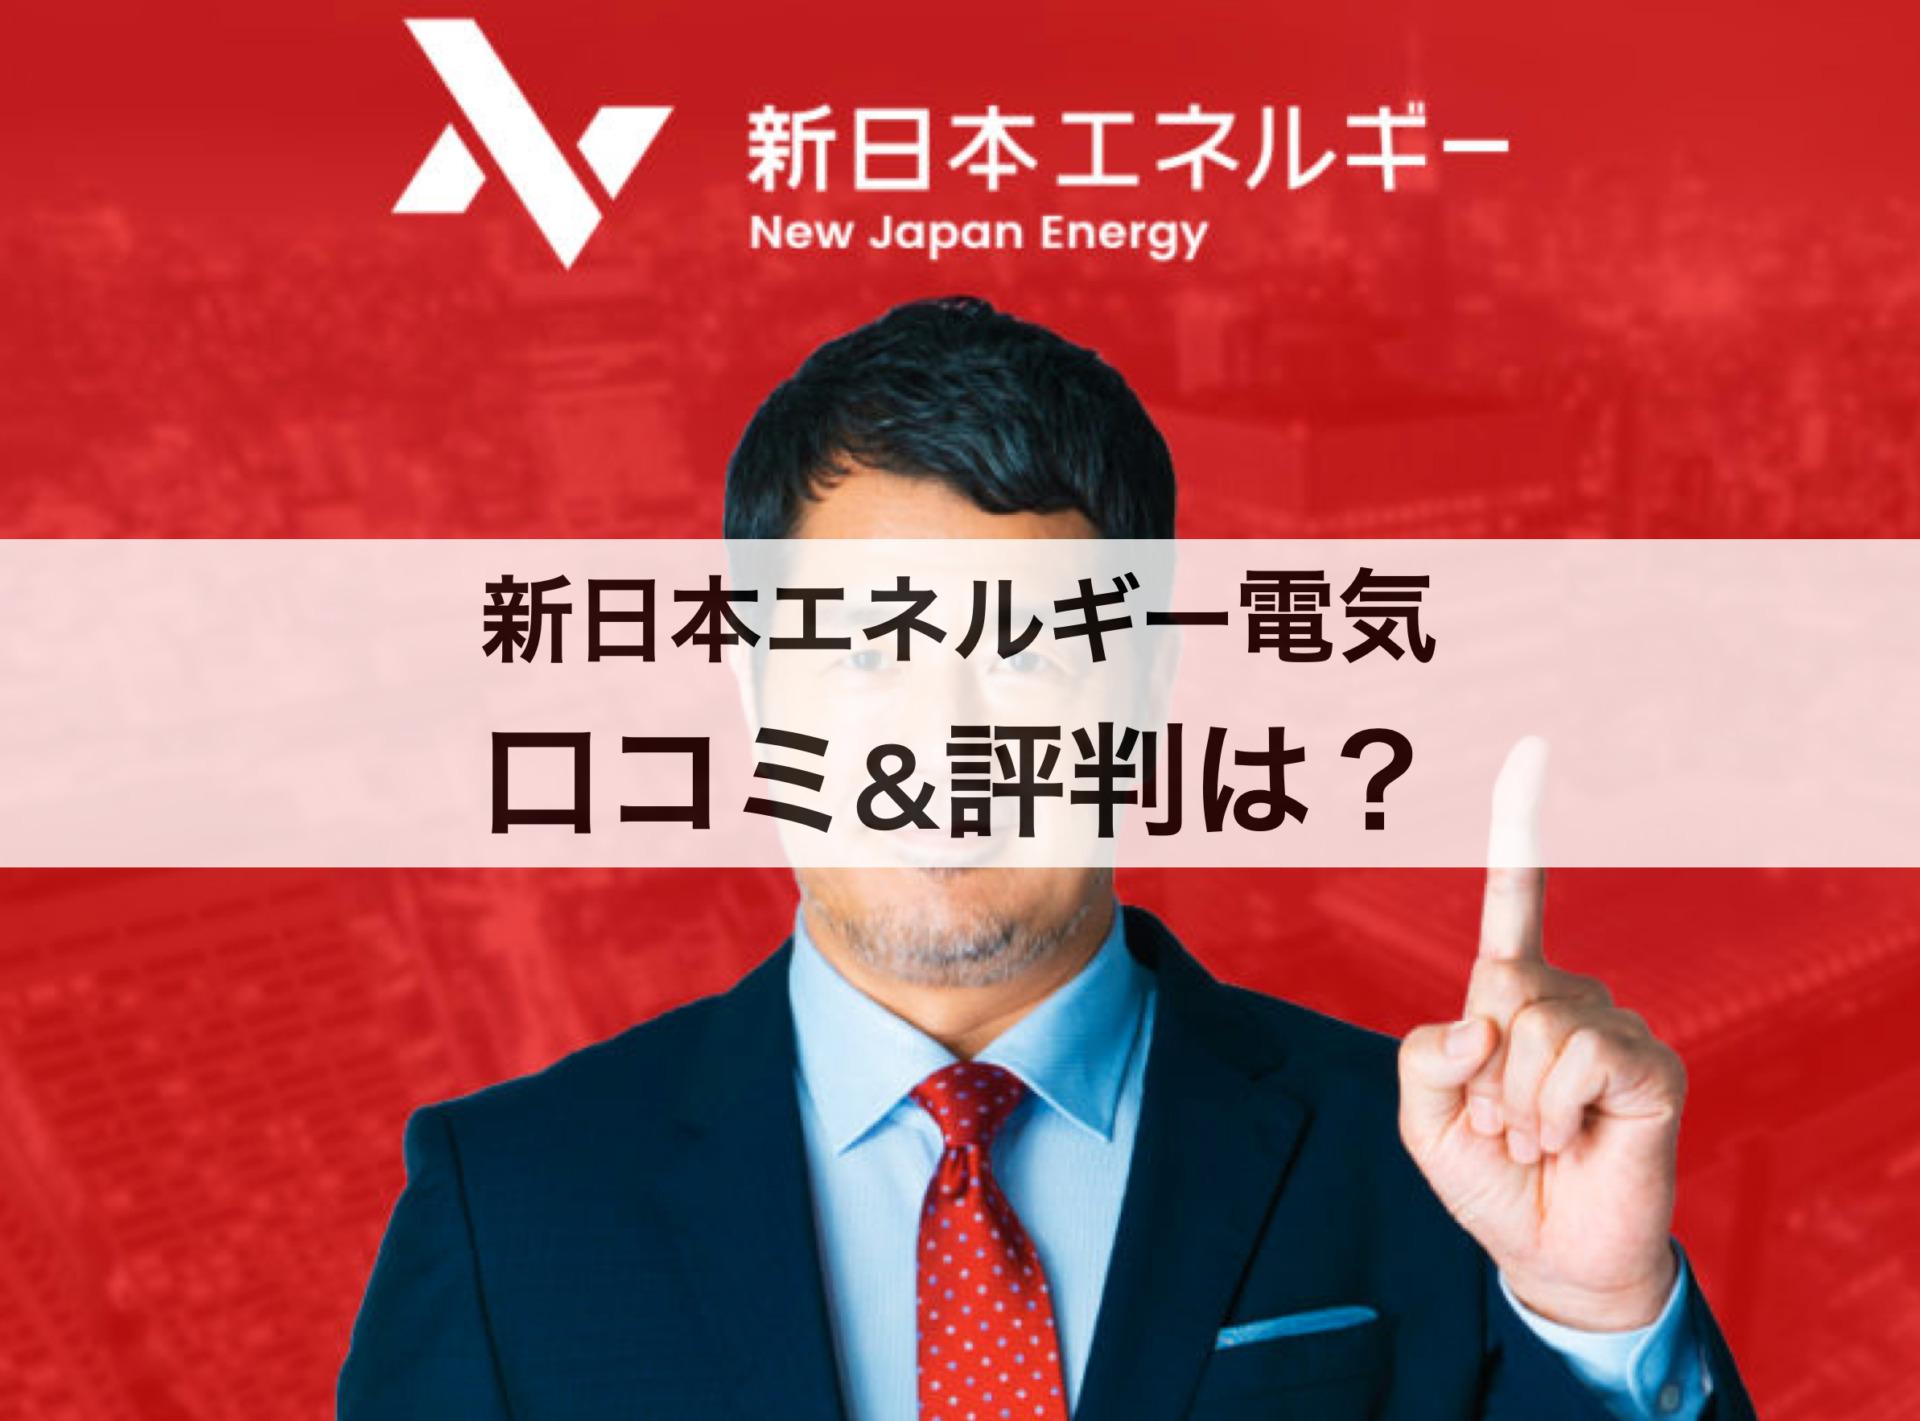 新日本エネルギーの口コミや評判は?メリット&デメリットも解説します!